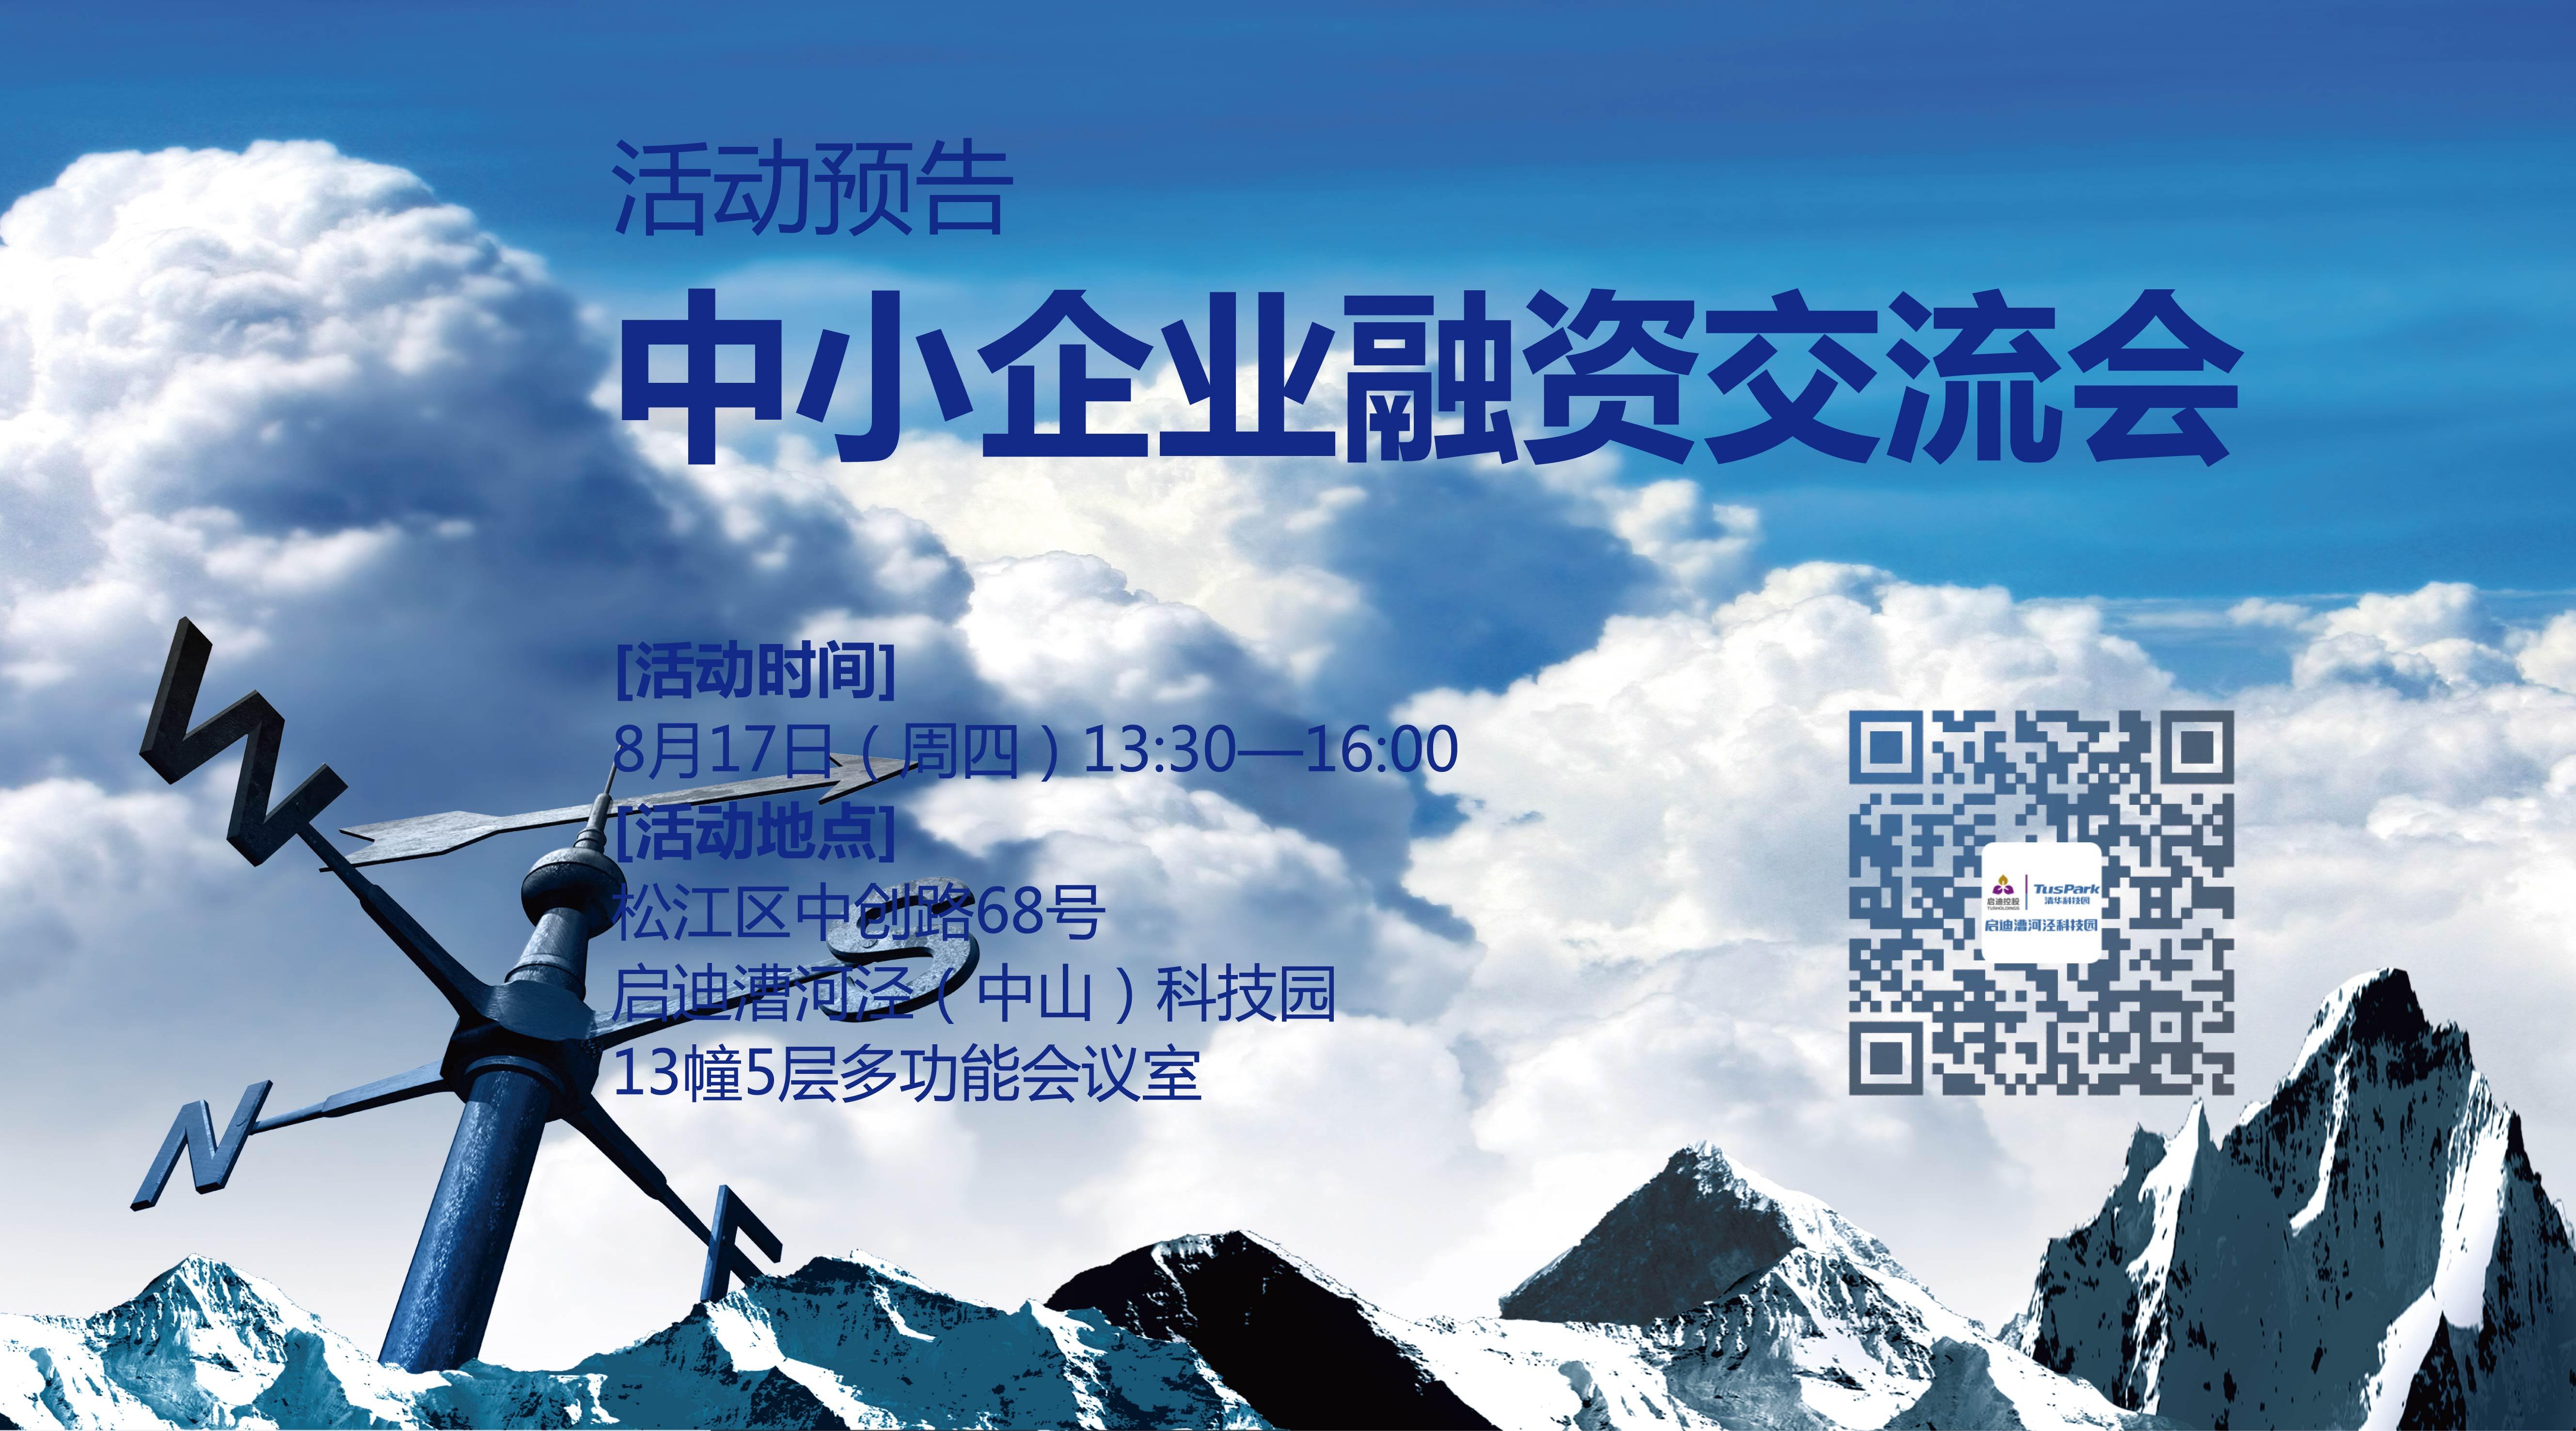 启迪之星•上海松江 | 中小企业融资交流会